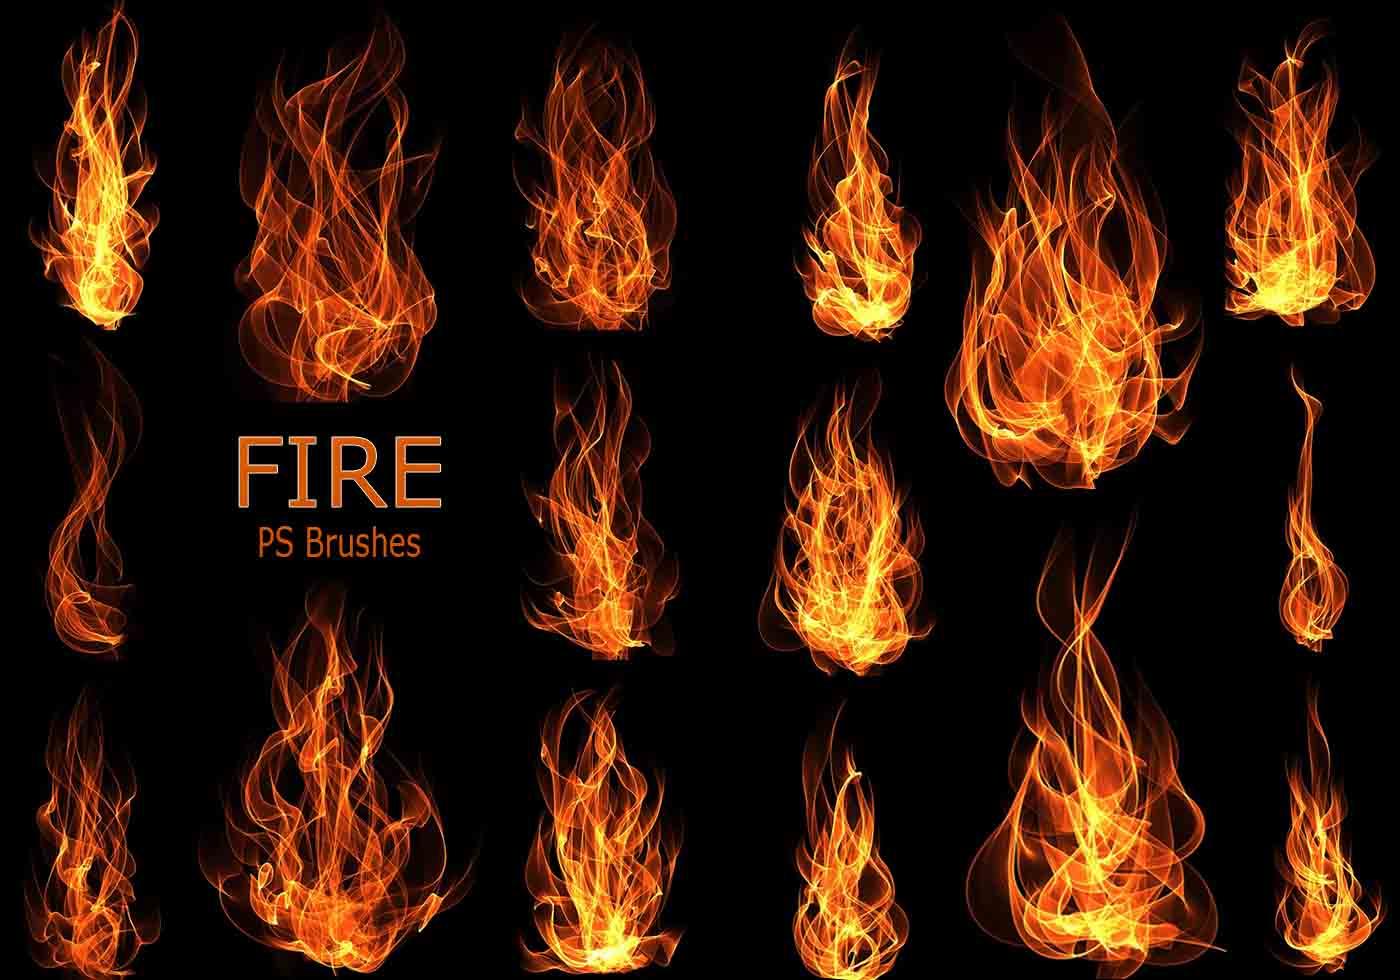 Fireplace Vocabulary